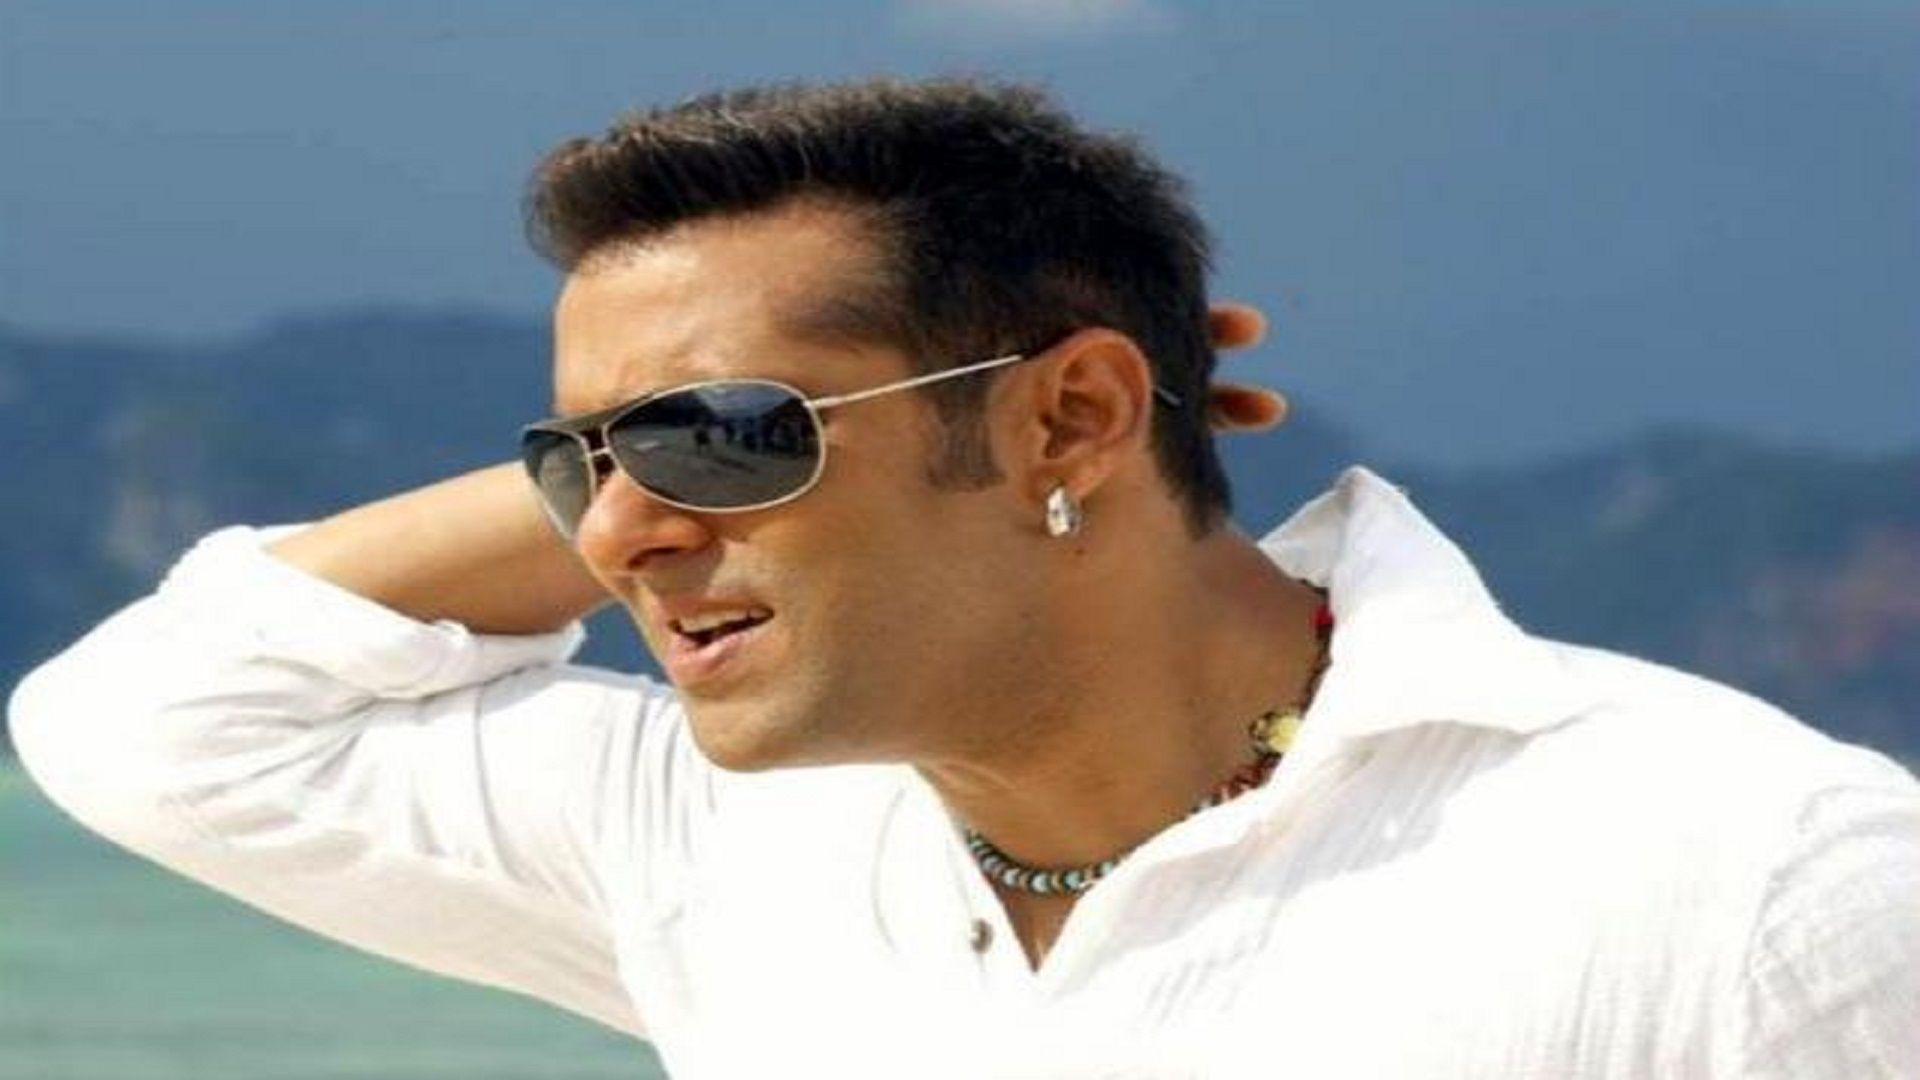 Hd wallpaper salman khan - Salman Khan Cool Free Hd Wallpapers For Download